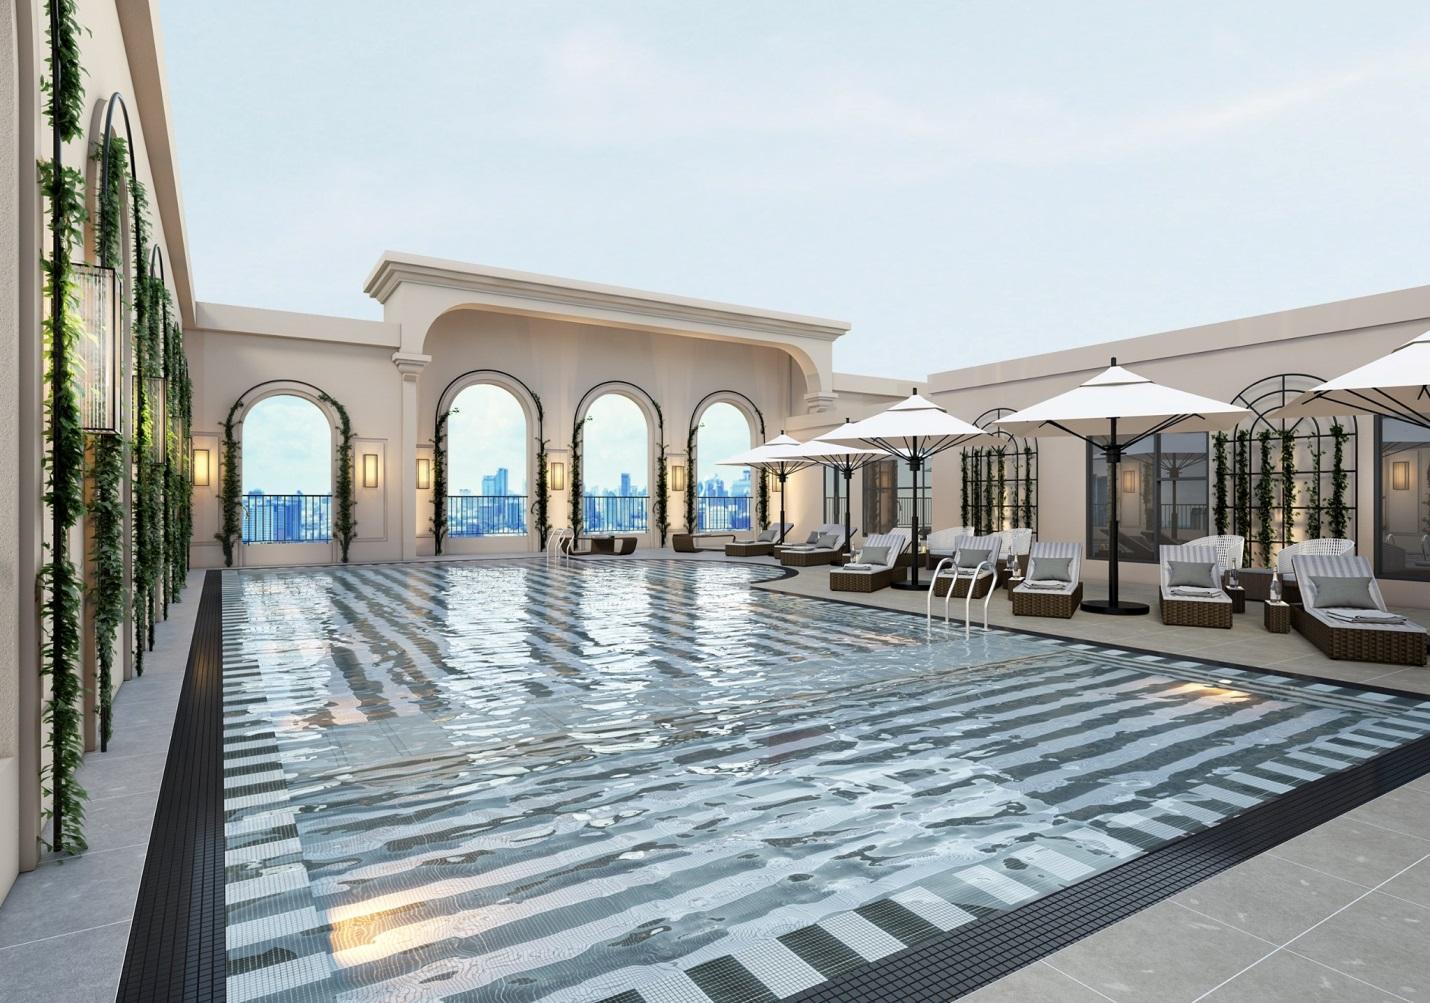 King Palace hút khách mua nhà với hệ sinh thái toàn diện vì sức khỏe  - Ảnh 1